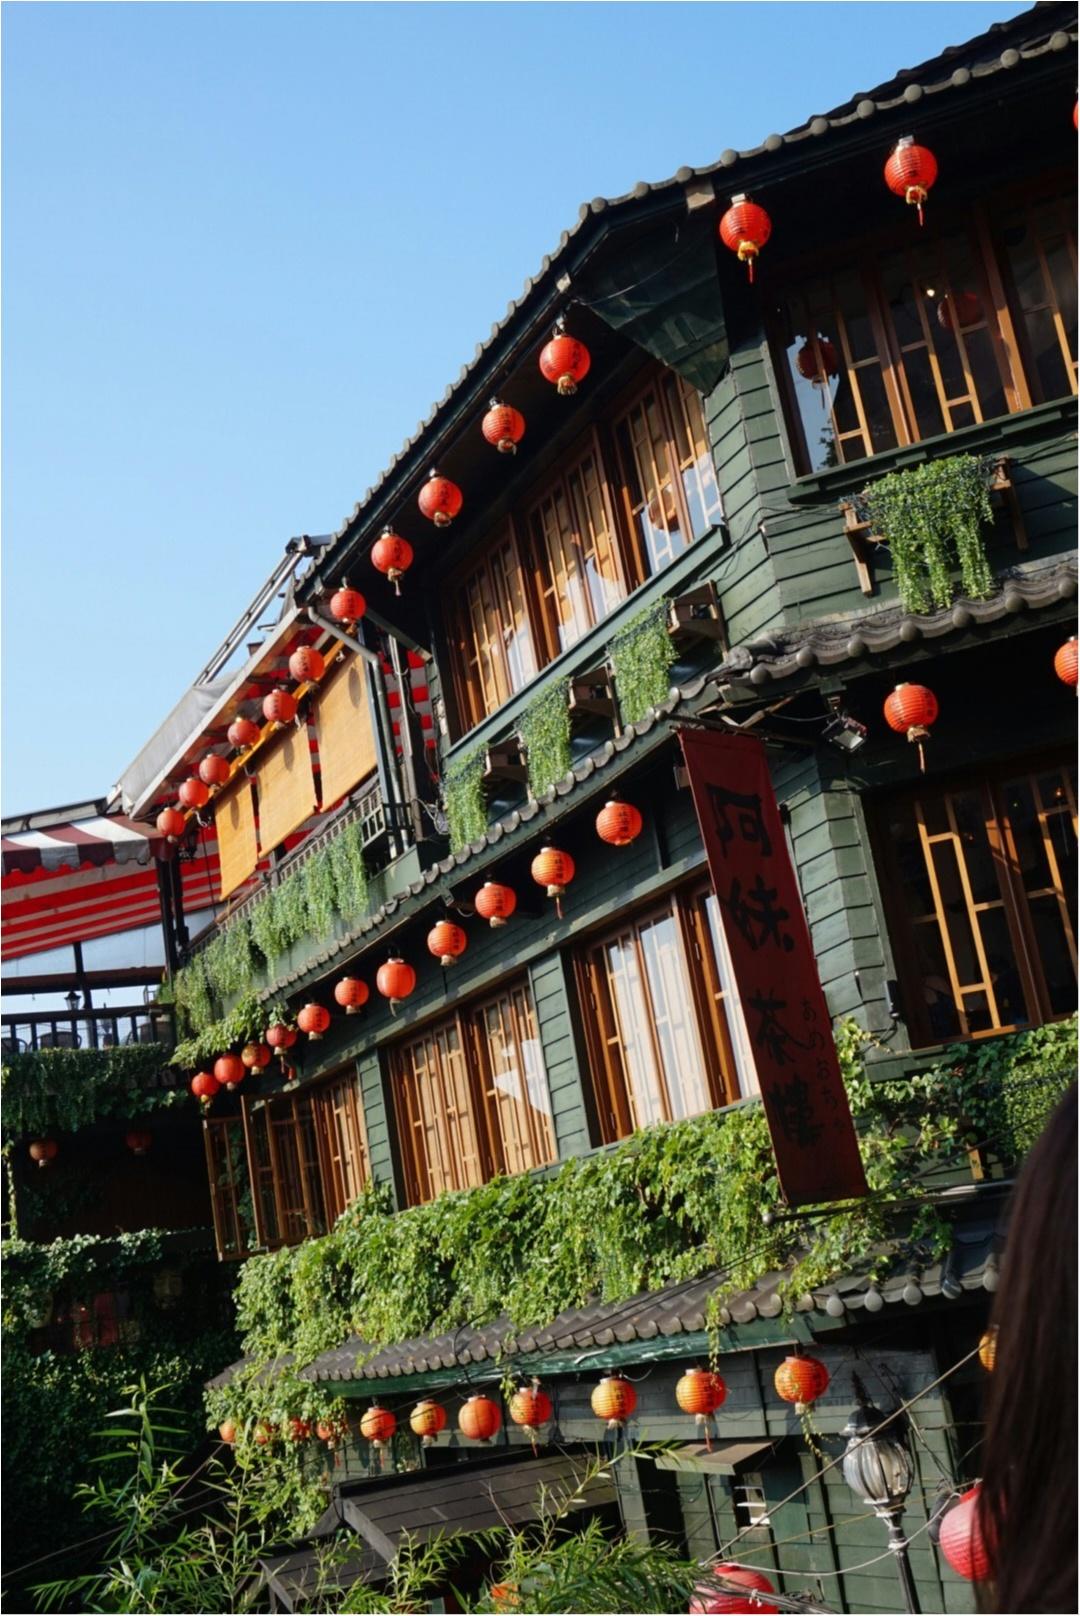 【旅行】週末台湾♡その4・あの映画のモデルの建物も!台湾の超人気スポット徹底レポ_4